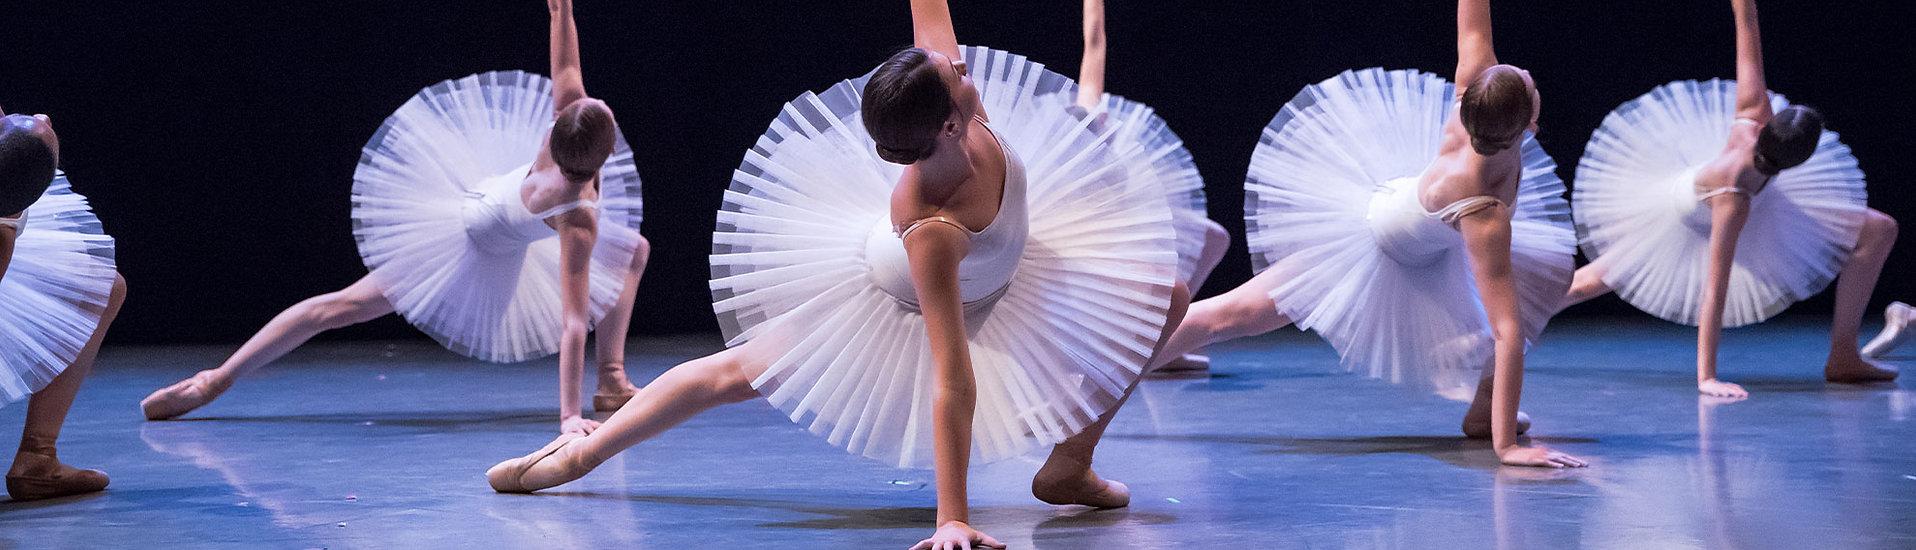 Balet, baletní show, firemní akce